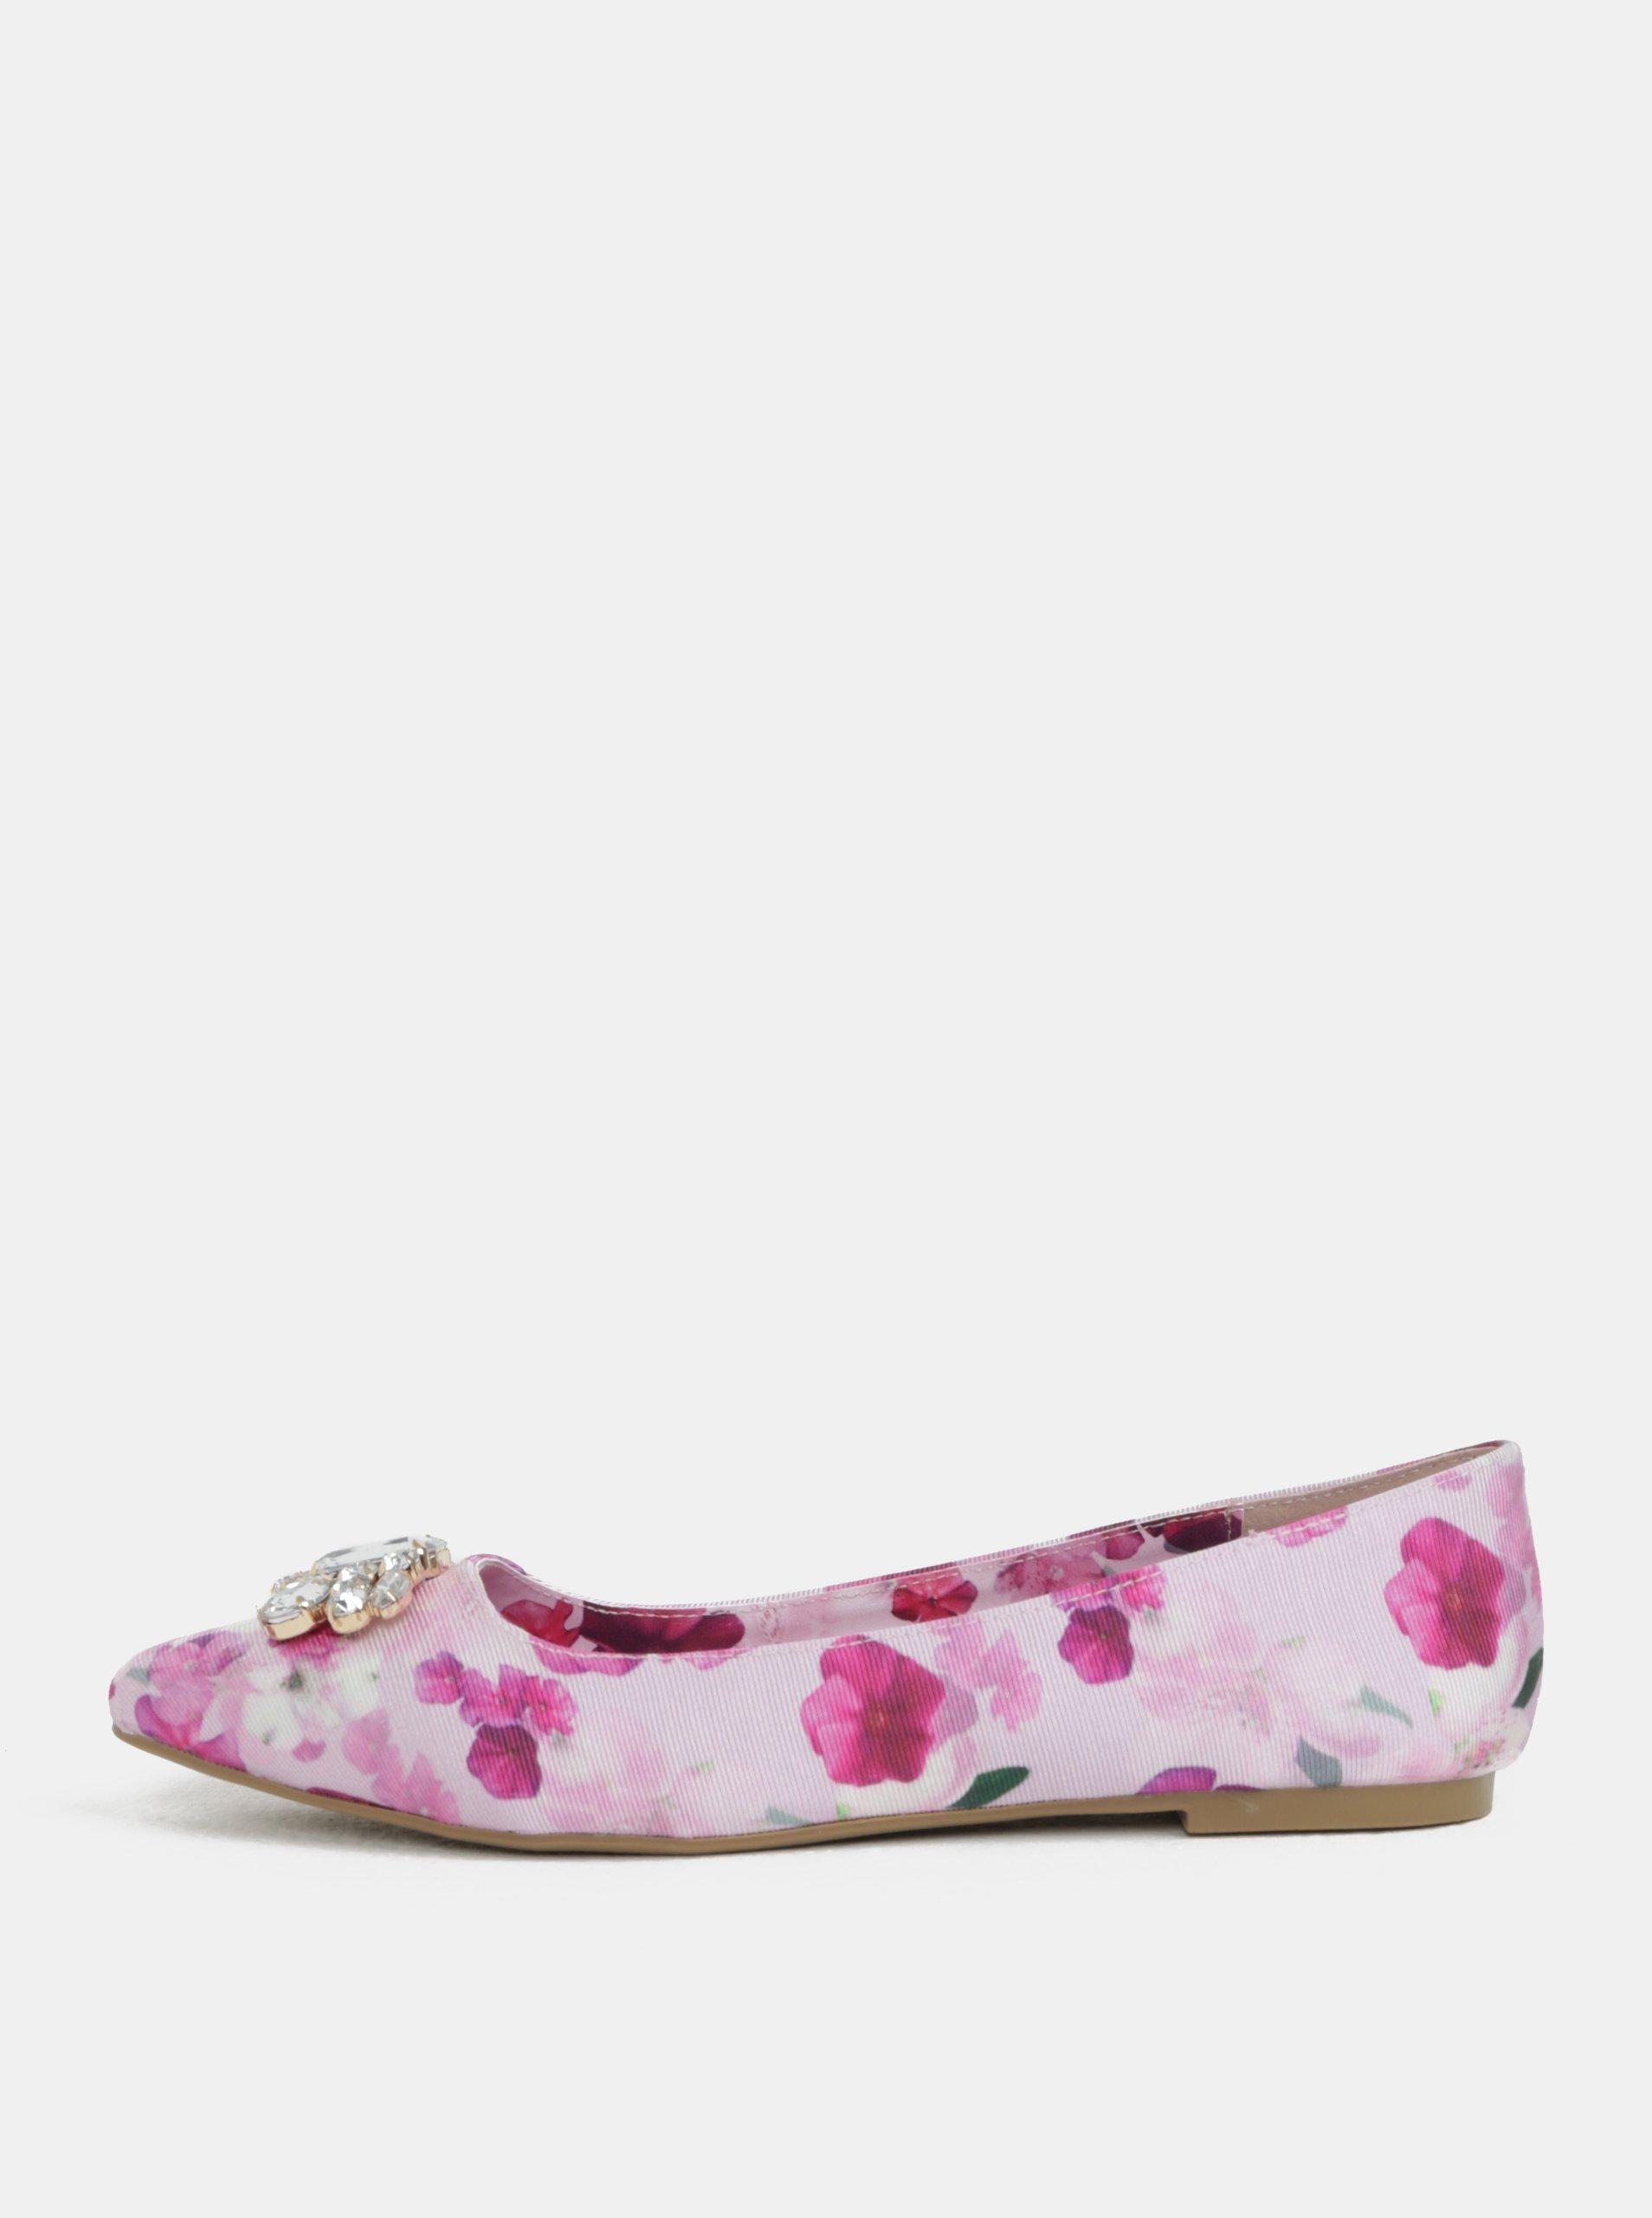 95191a6a9a89 Růžové květované baleríny s aplikací Dorothy Perkins